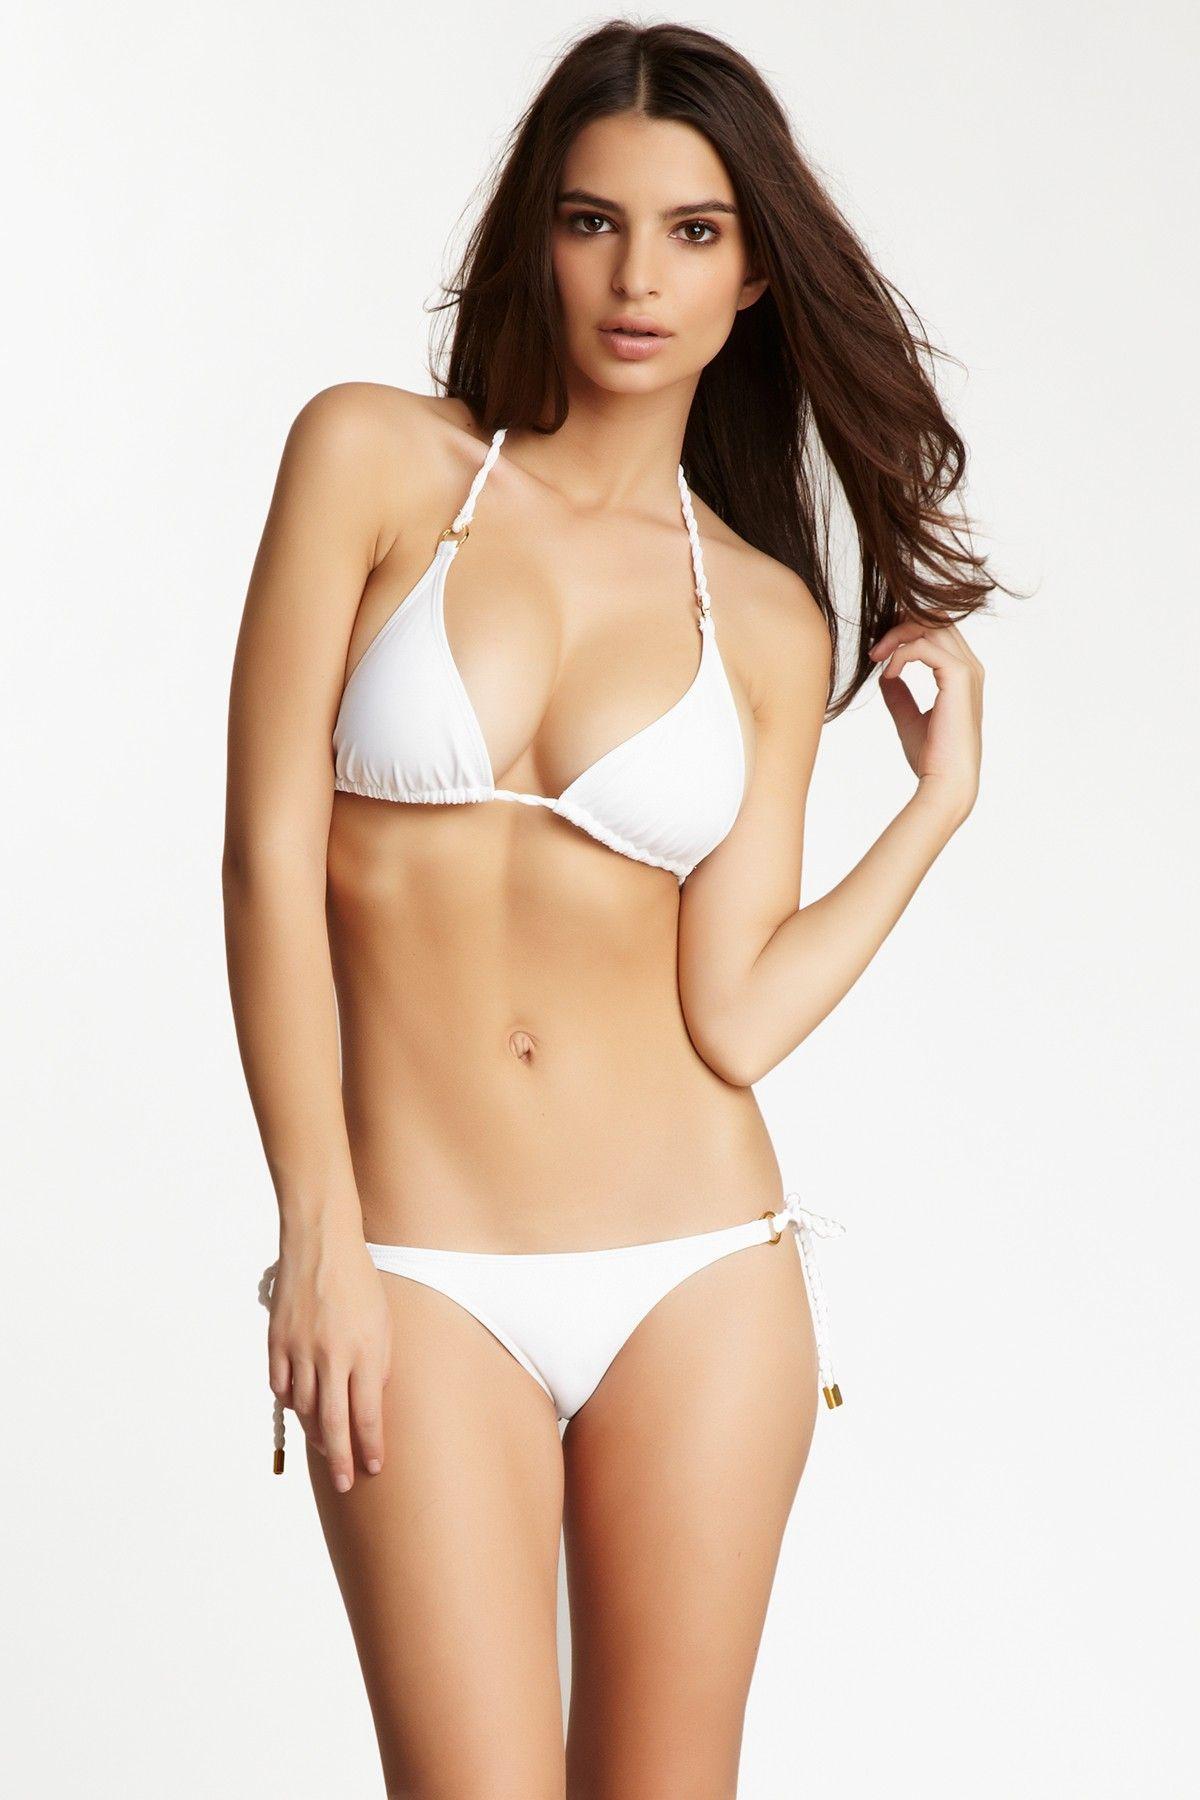 Hot babe white bikini photo can